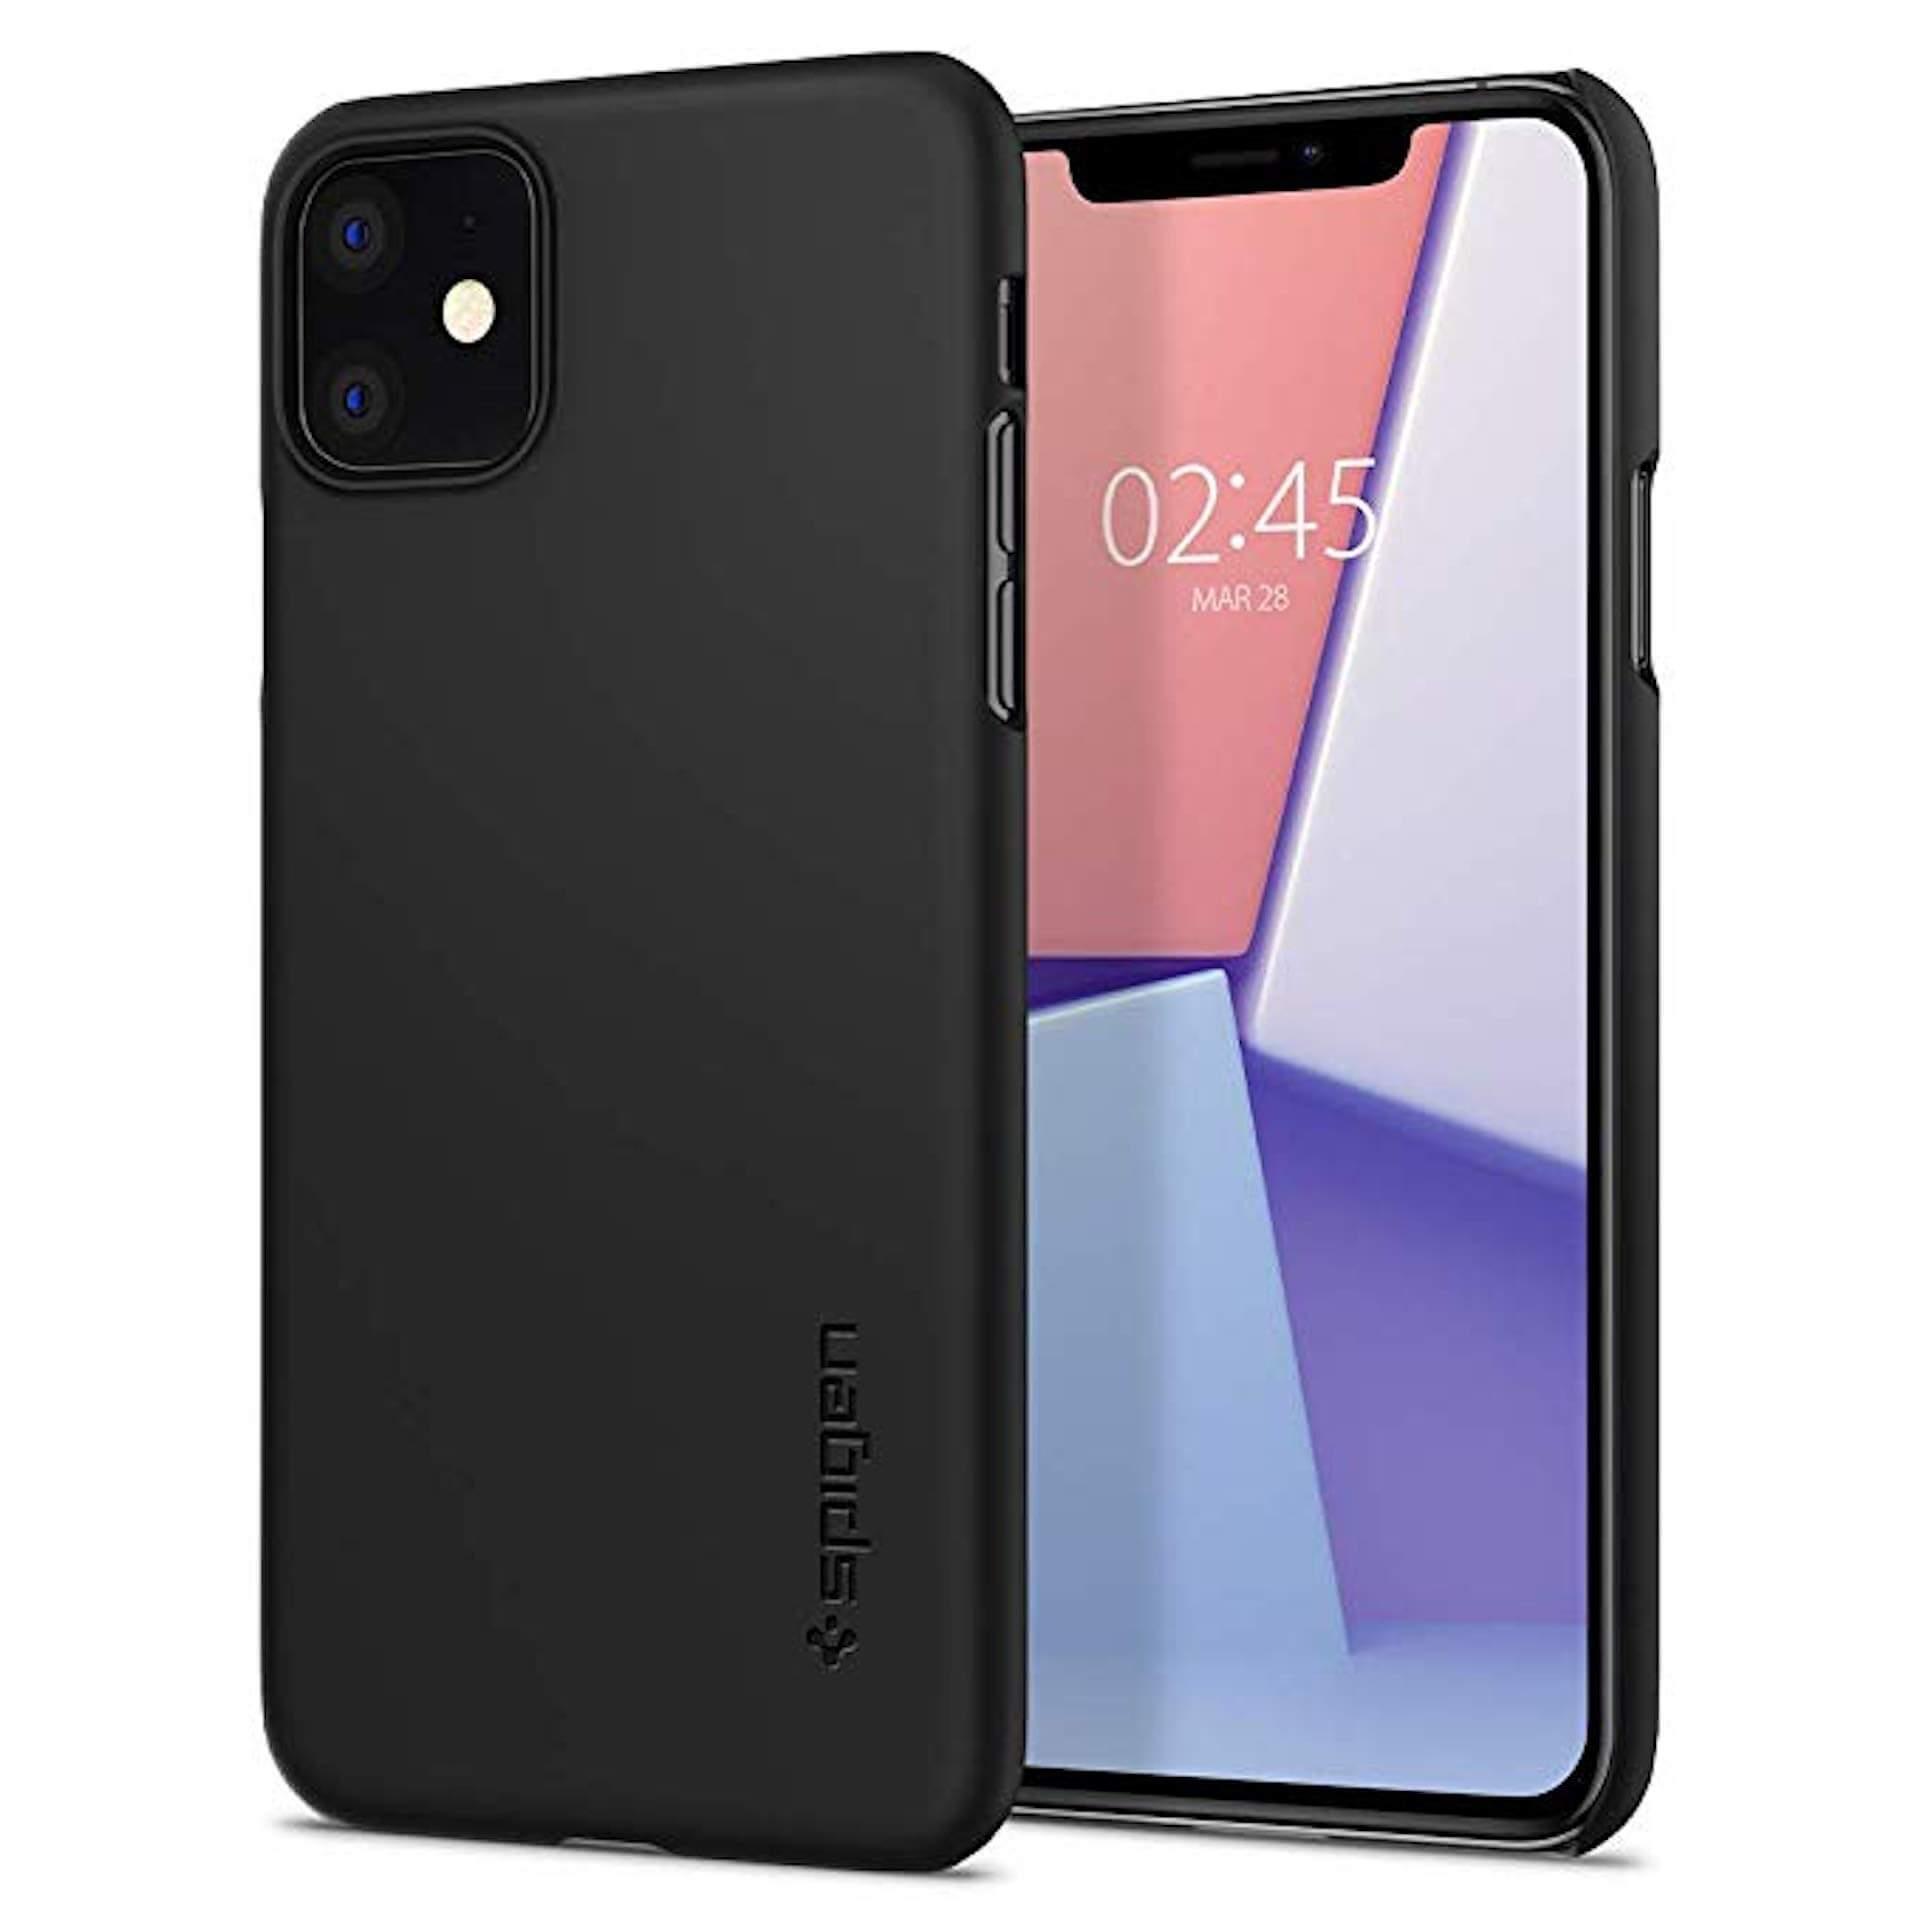 新型iPhone、やっぱりトリプルカメラ!?SpigenよりiPhone 11用ケースが発売開始 tech190906spigen-case_3